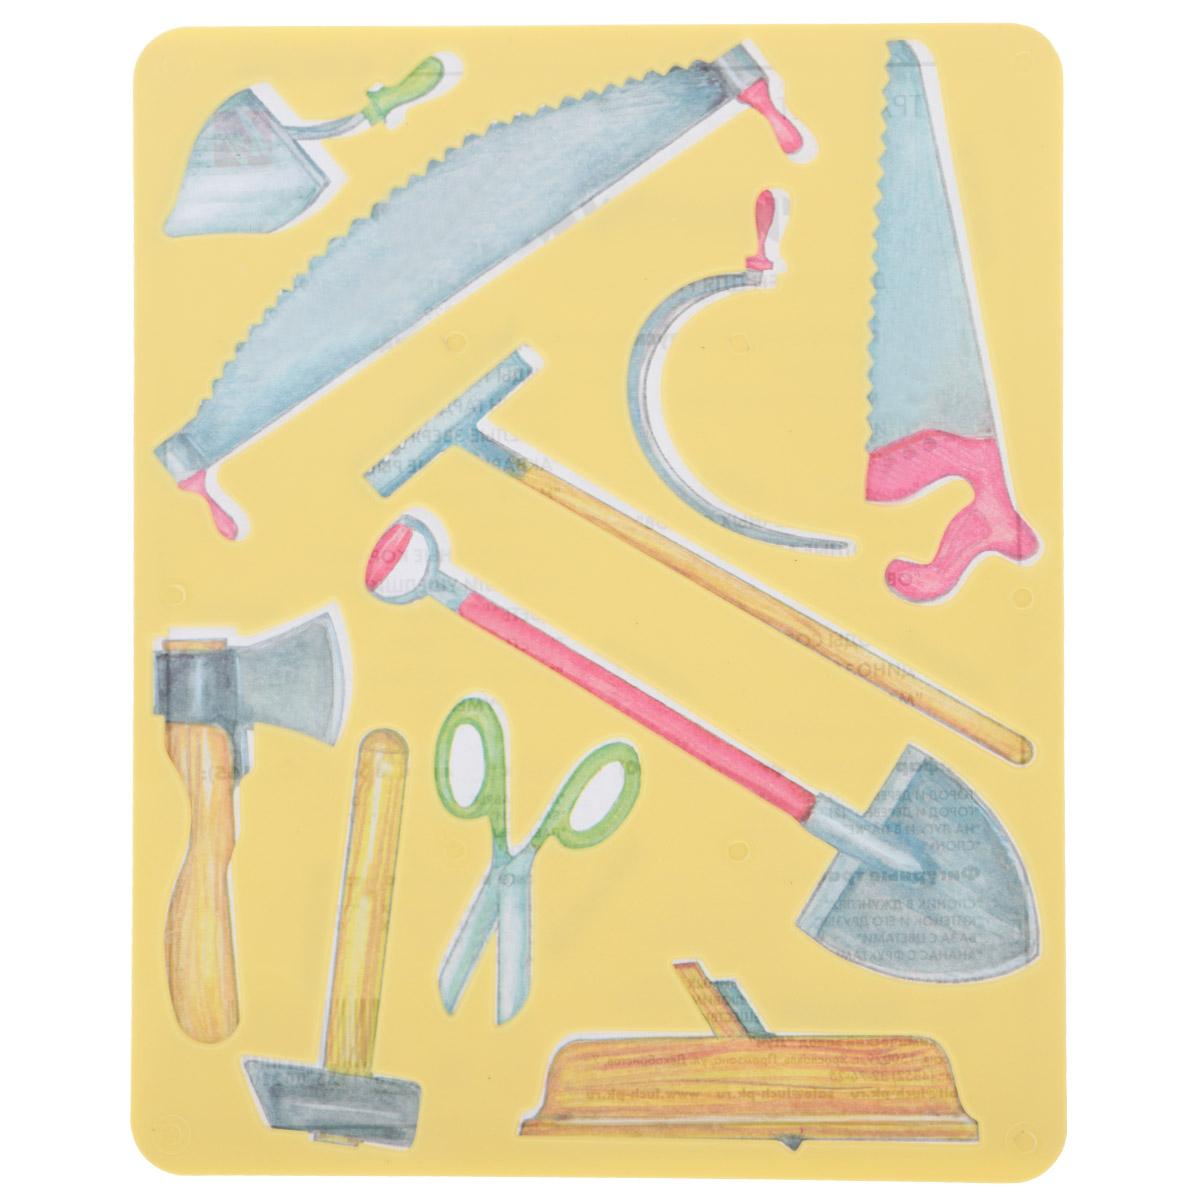 Трафарет прорезной Луч Инструменты10С 569-08Трафарет Луч Инструменты, выполненный из безопасного пластика, предназначен для детского творчества. По трафарету маленькие художники смогут нарисовать различные инструменты. Для этого необходимо положить трафарет на лист бумаги, обвести фигуру по контуру и раскрасить по своему вкусу или глядя на цветную картинку-образец. Трафареты предназначены для развития у детей мелкой моторики и зрительно-двигательной координации, навыков художественной композиции и зрительного восприятия.